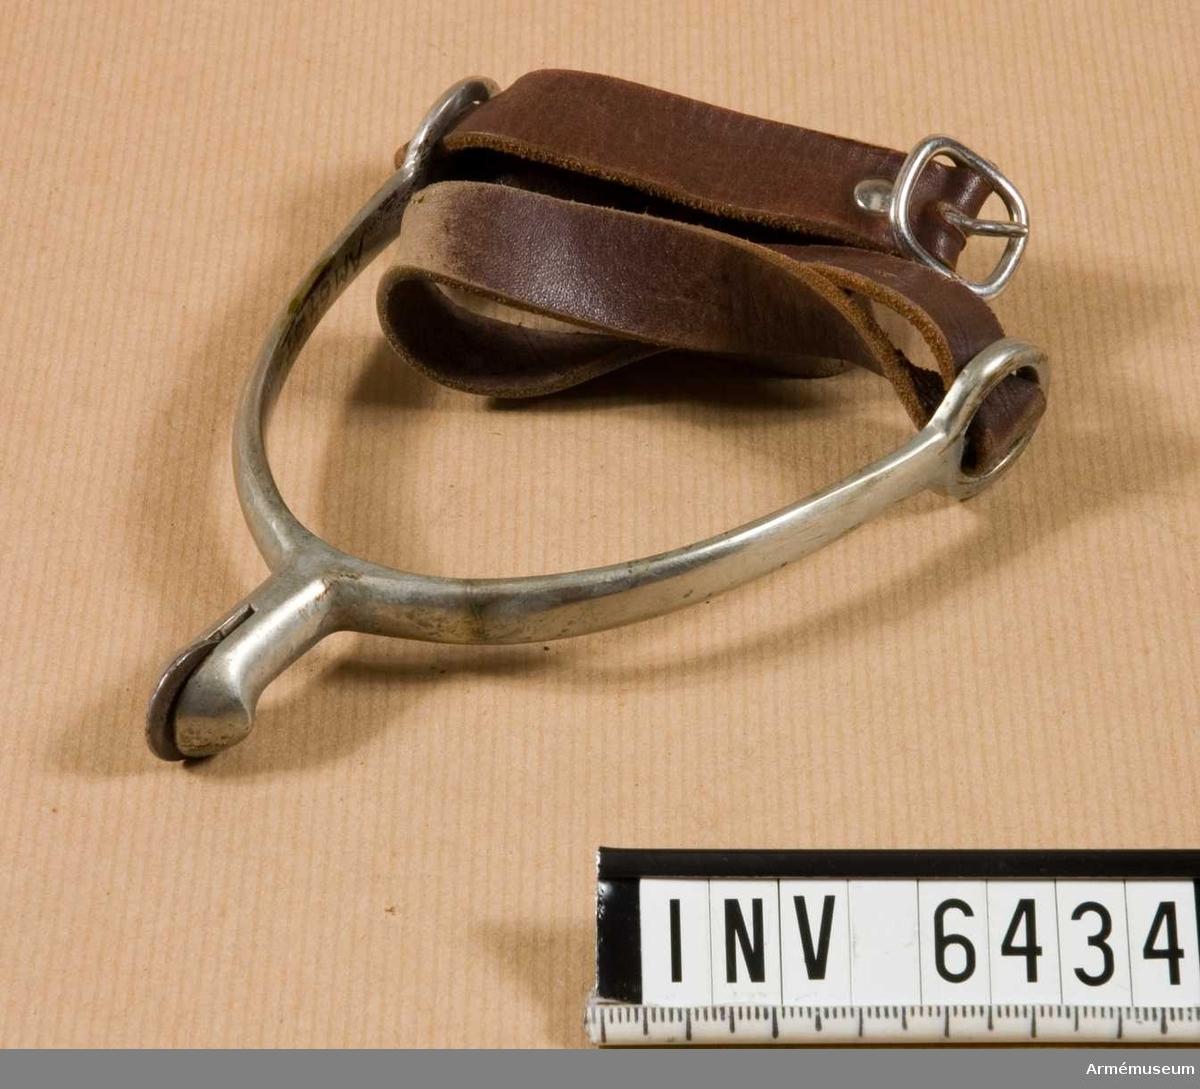 Av förnicklat stål. Med hals och slättrissad hjulsporre. Rem av brunt läder (och bärs följaktligen till bruna skodon; i detta fall AM.006418 - AM.006419).